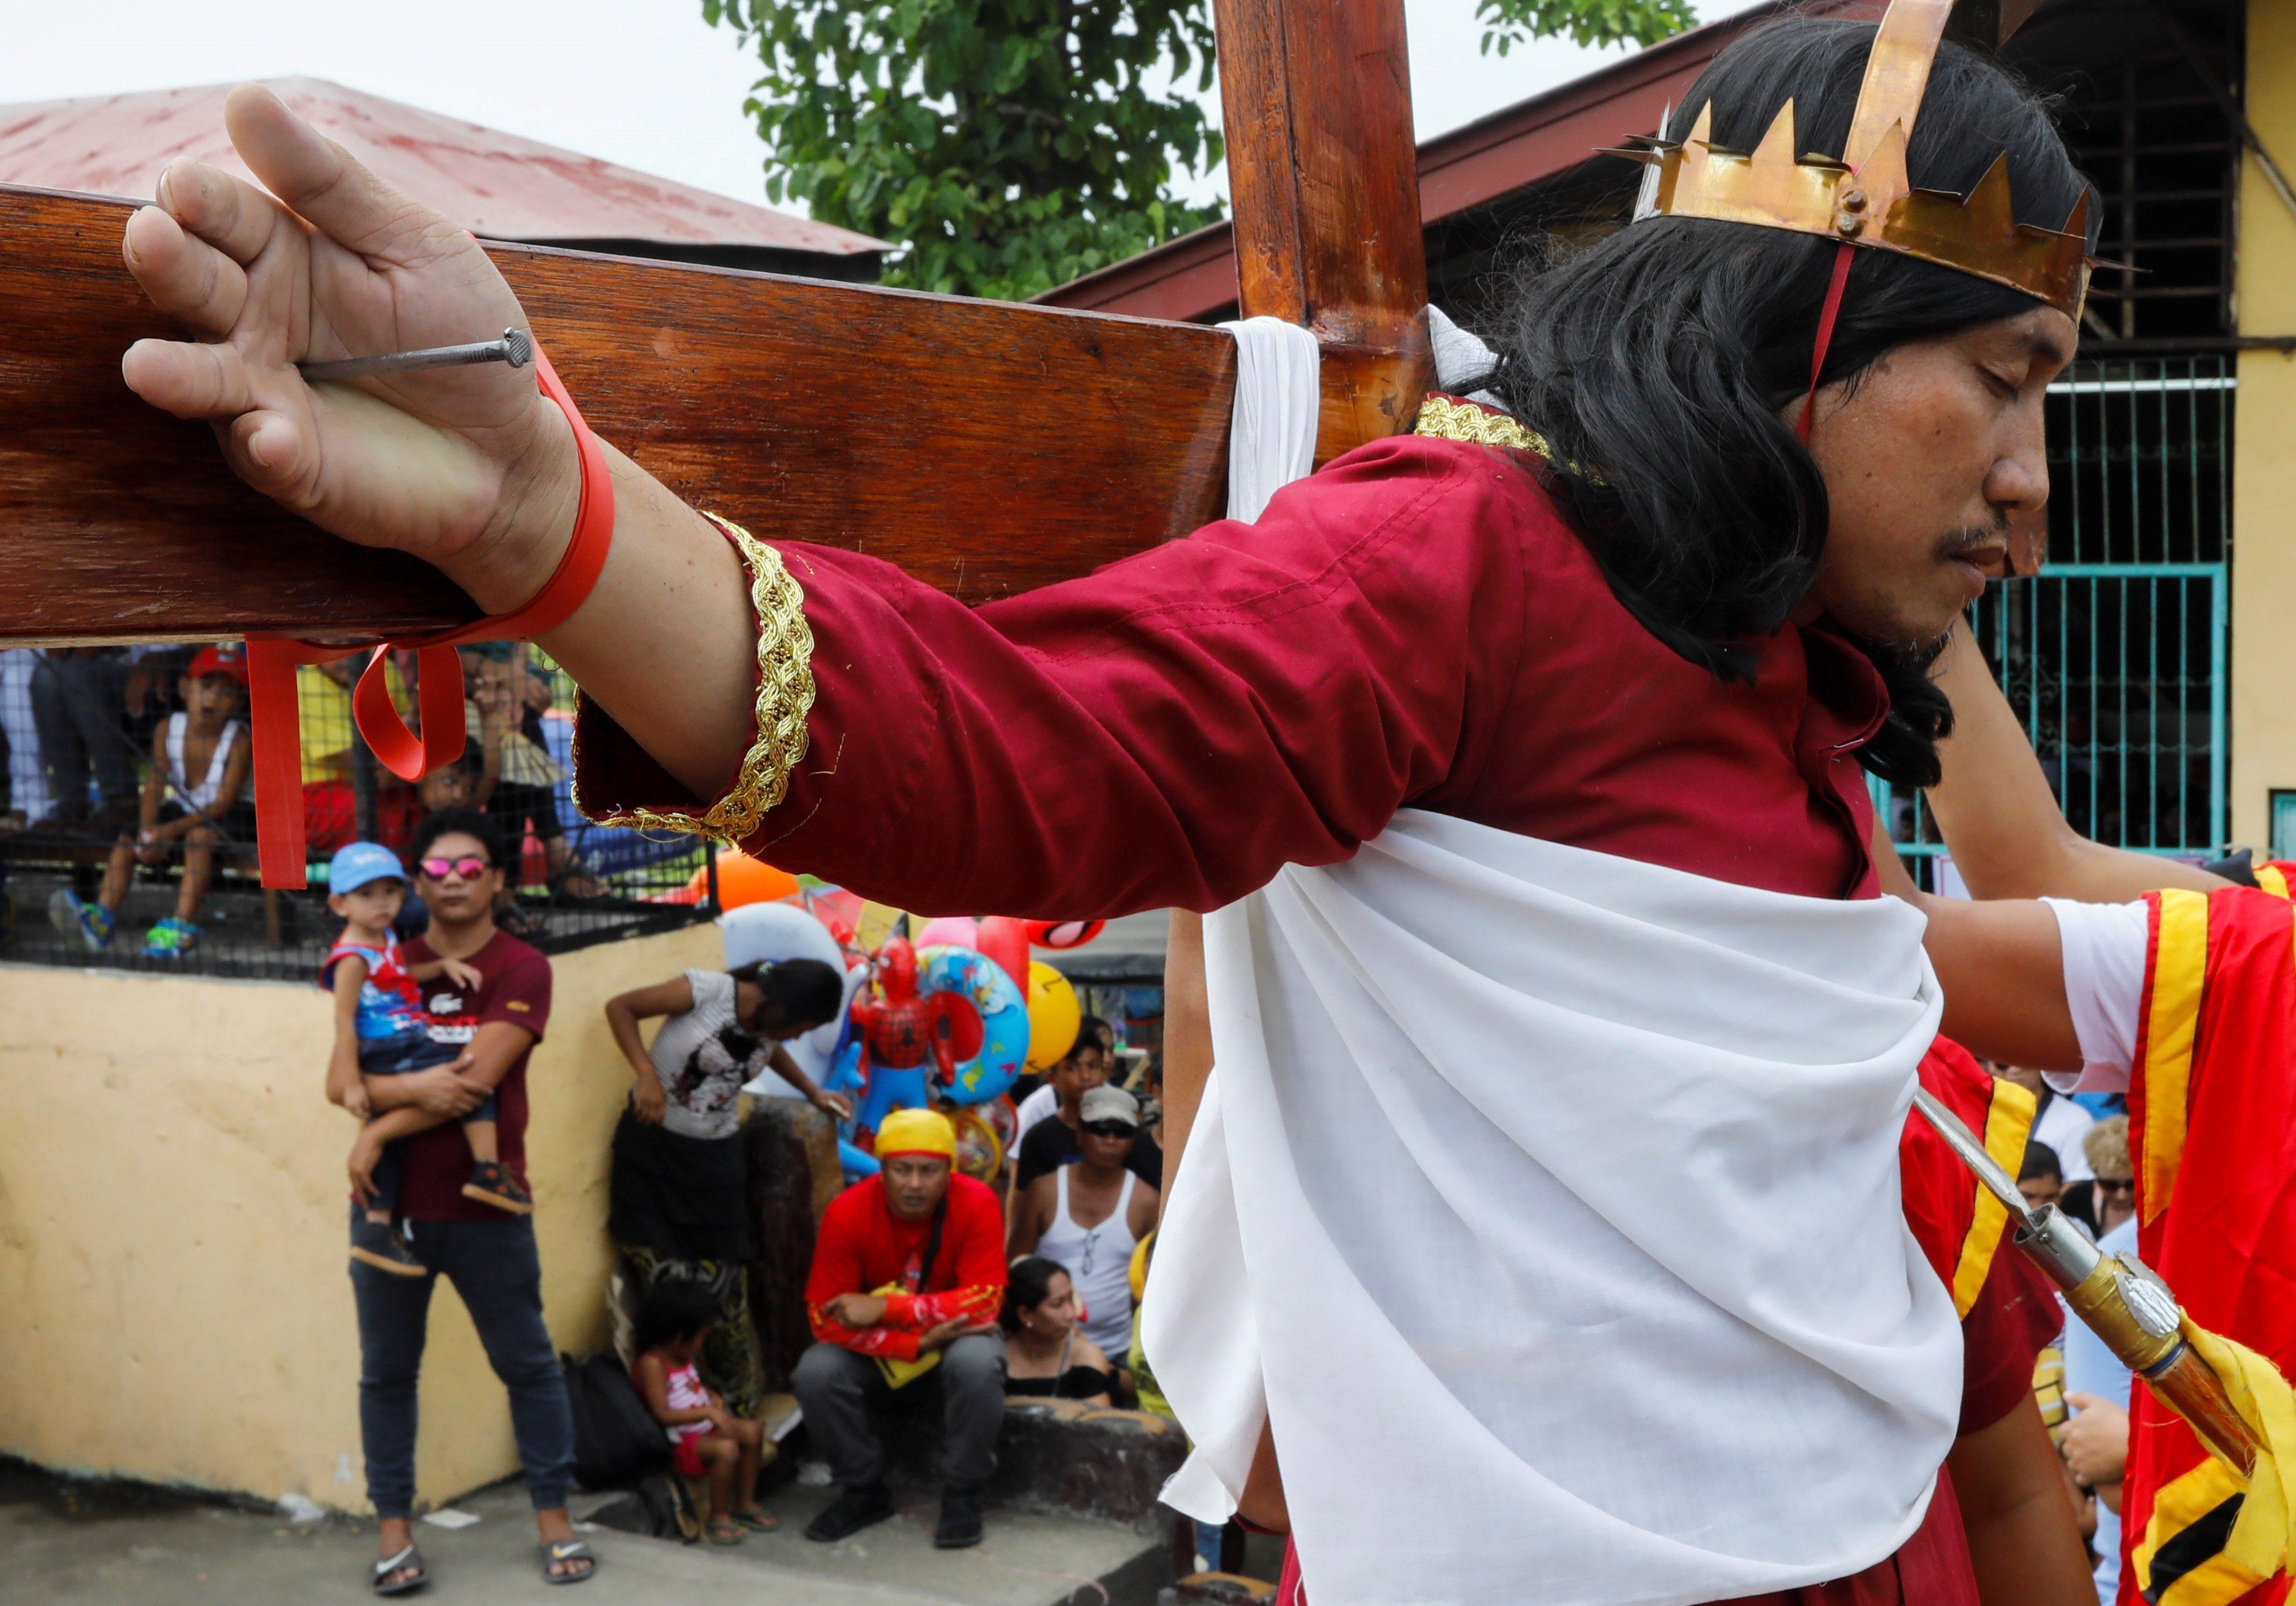 Un penitente filipino es clavado en una cruz en el distrito de Paombong, en la provincia de Bulacan,...